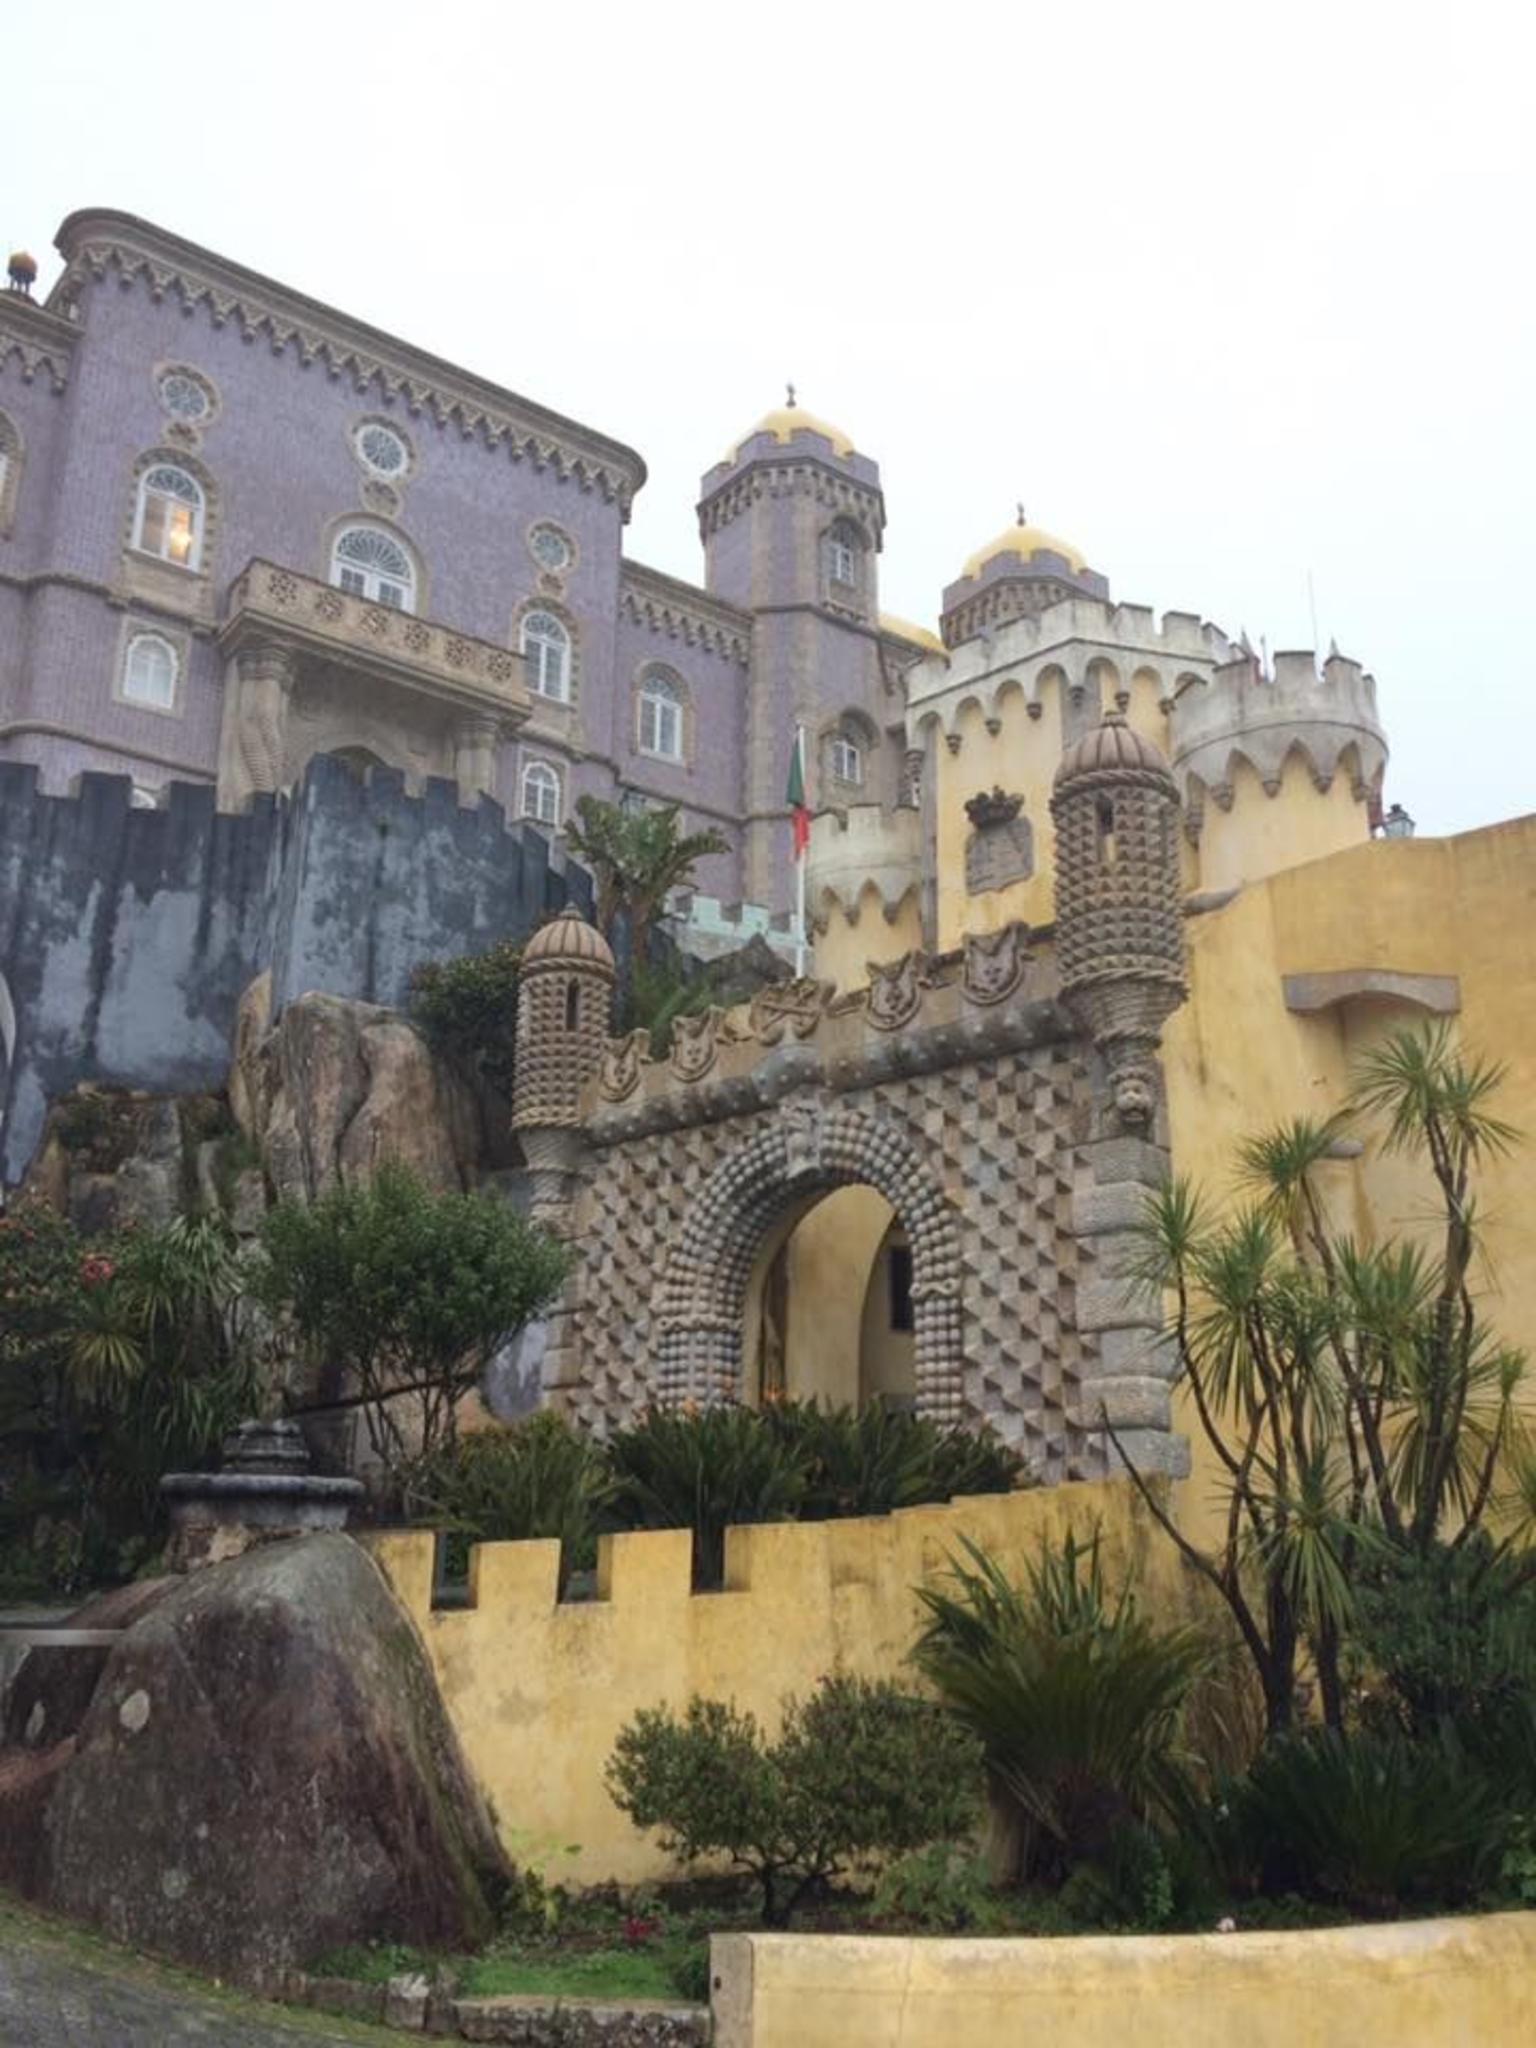 MAIS FOTOS, Excursão de dia inteiro a Sintra, Cabo da Roca e Palácio da Pena saindo de Lisboa